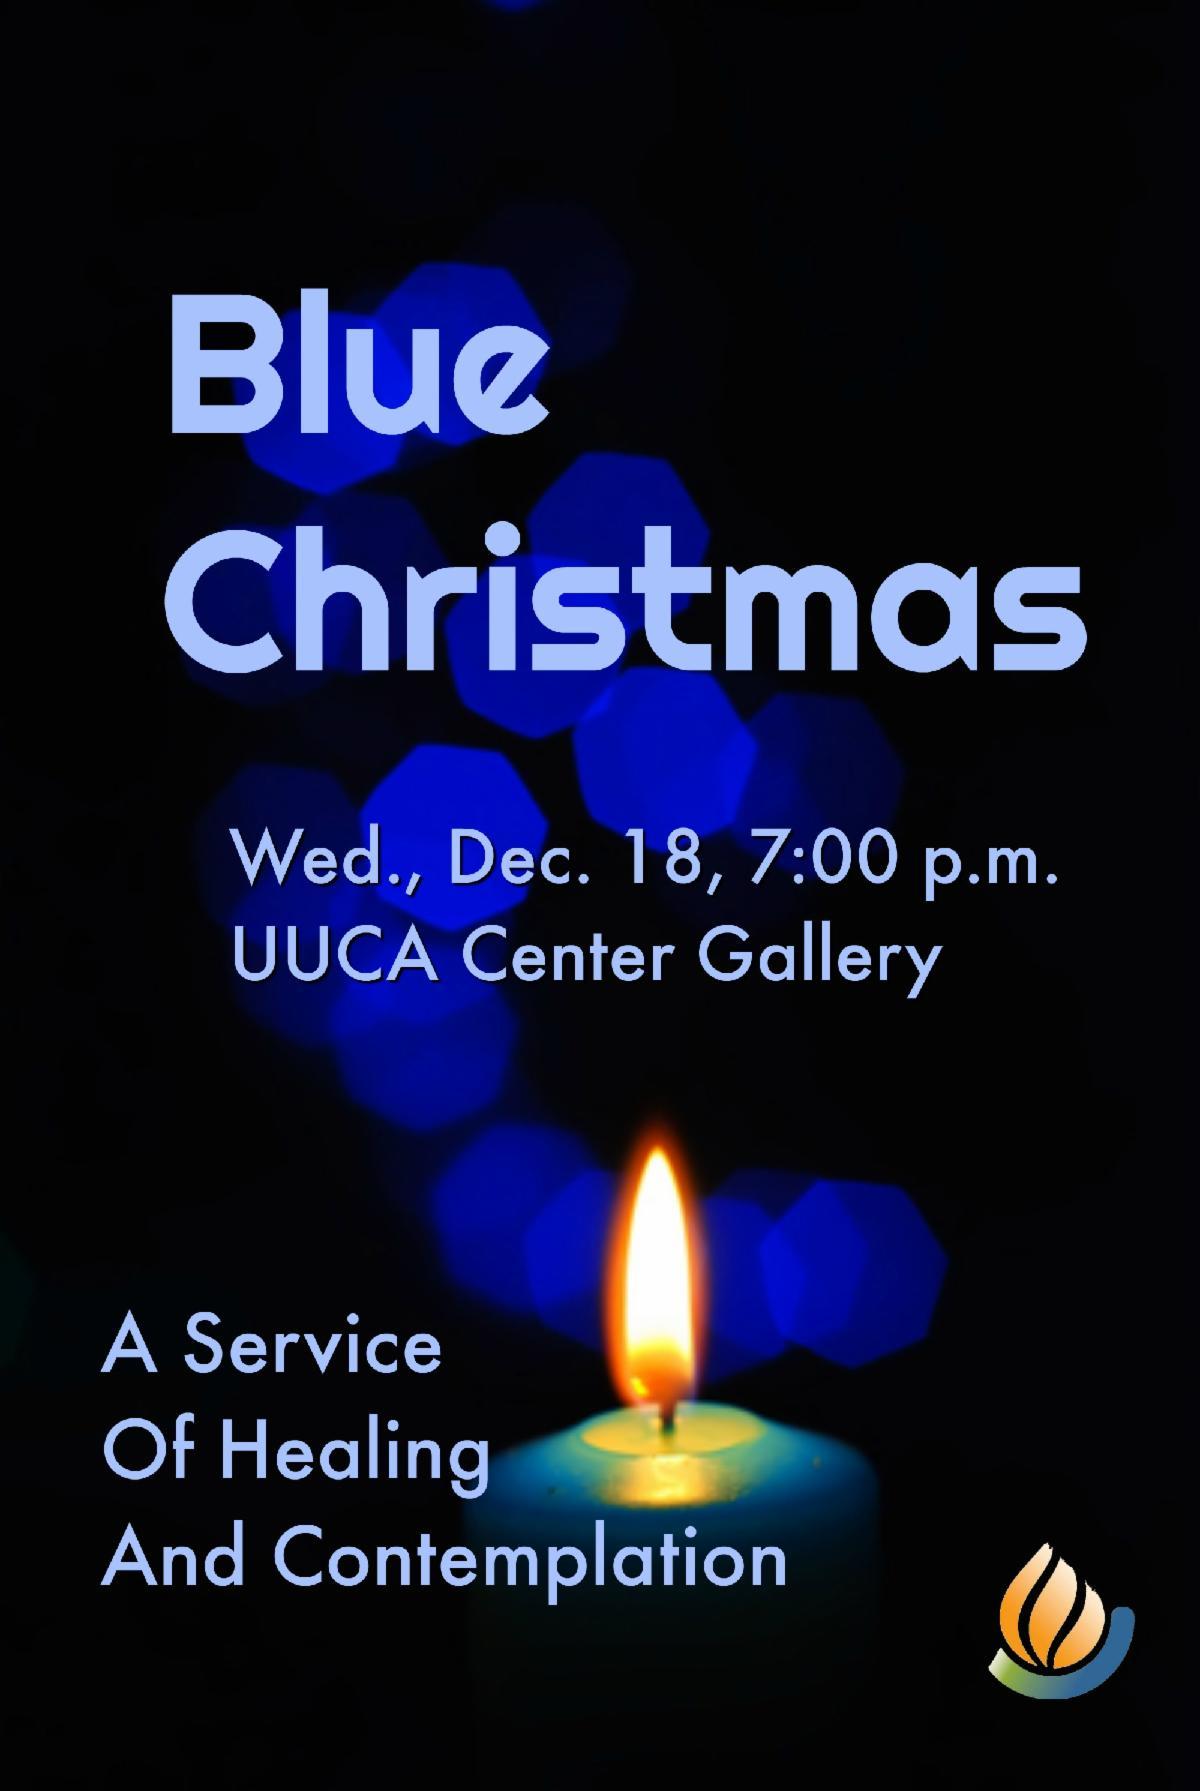 Blue Christmas flyer - Dec 18, 7pm